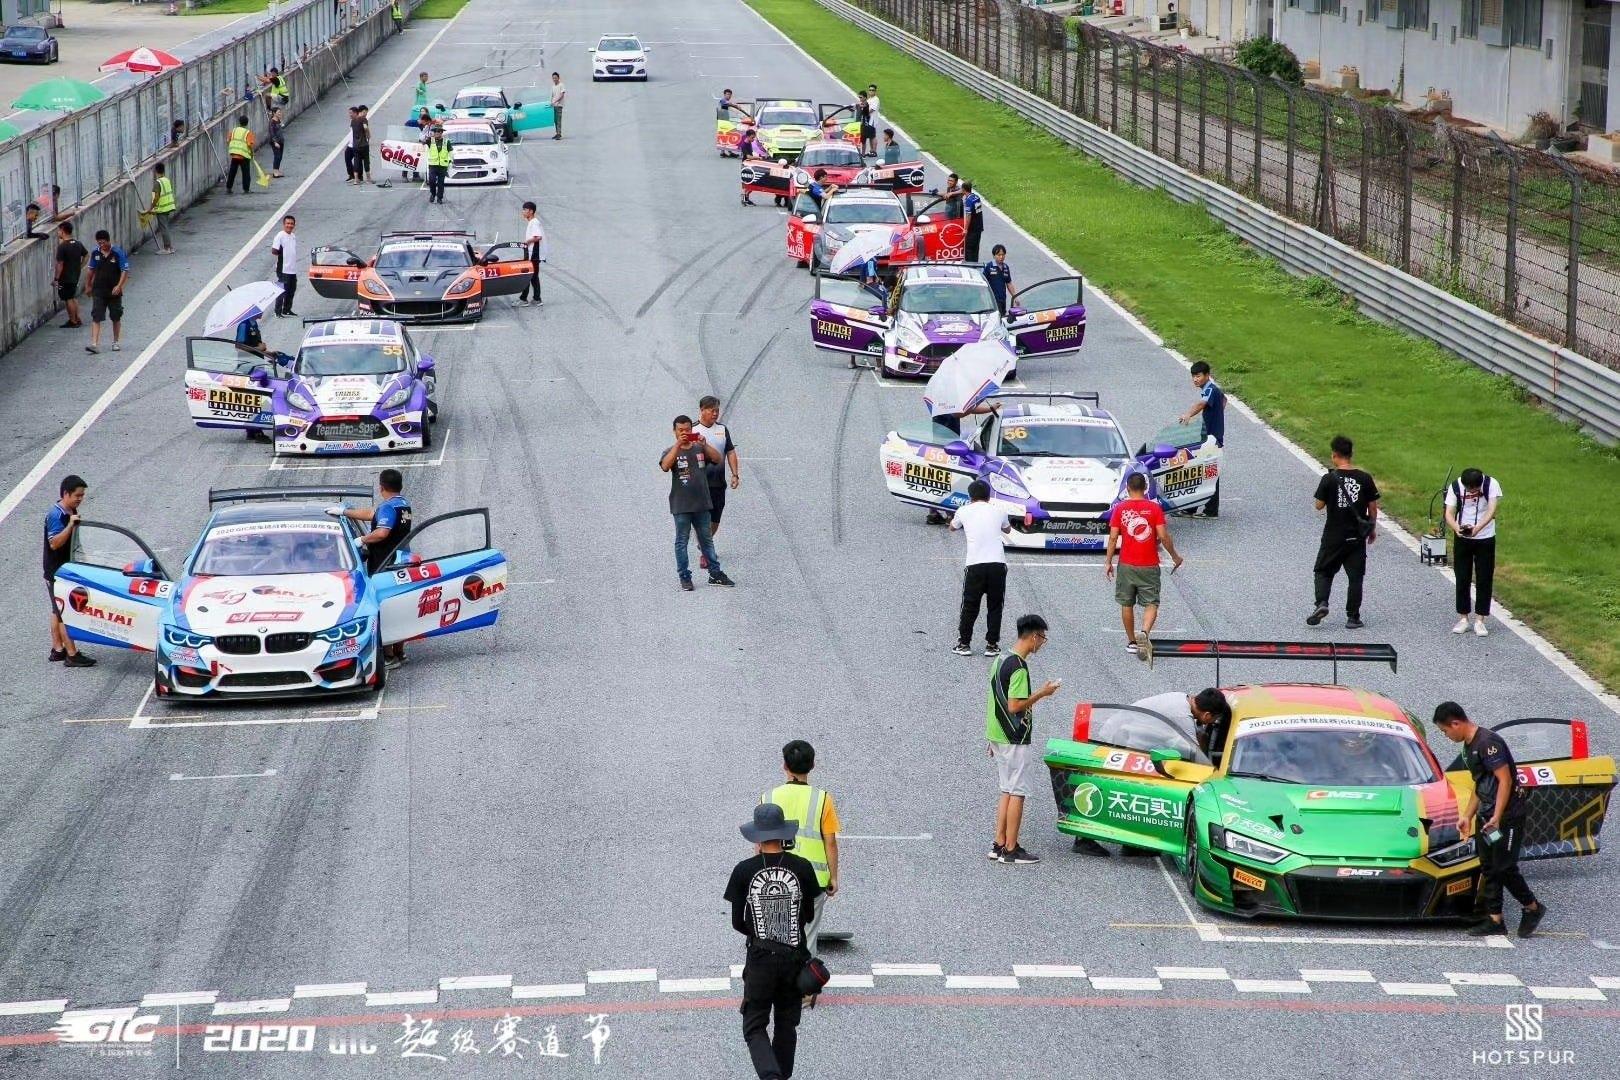 Automobilismo | Pilotos de Macau voltaram a correr em Zhaoqing